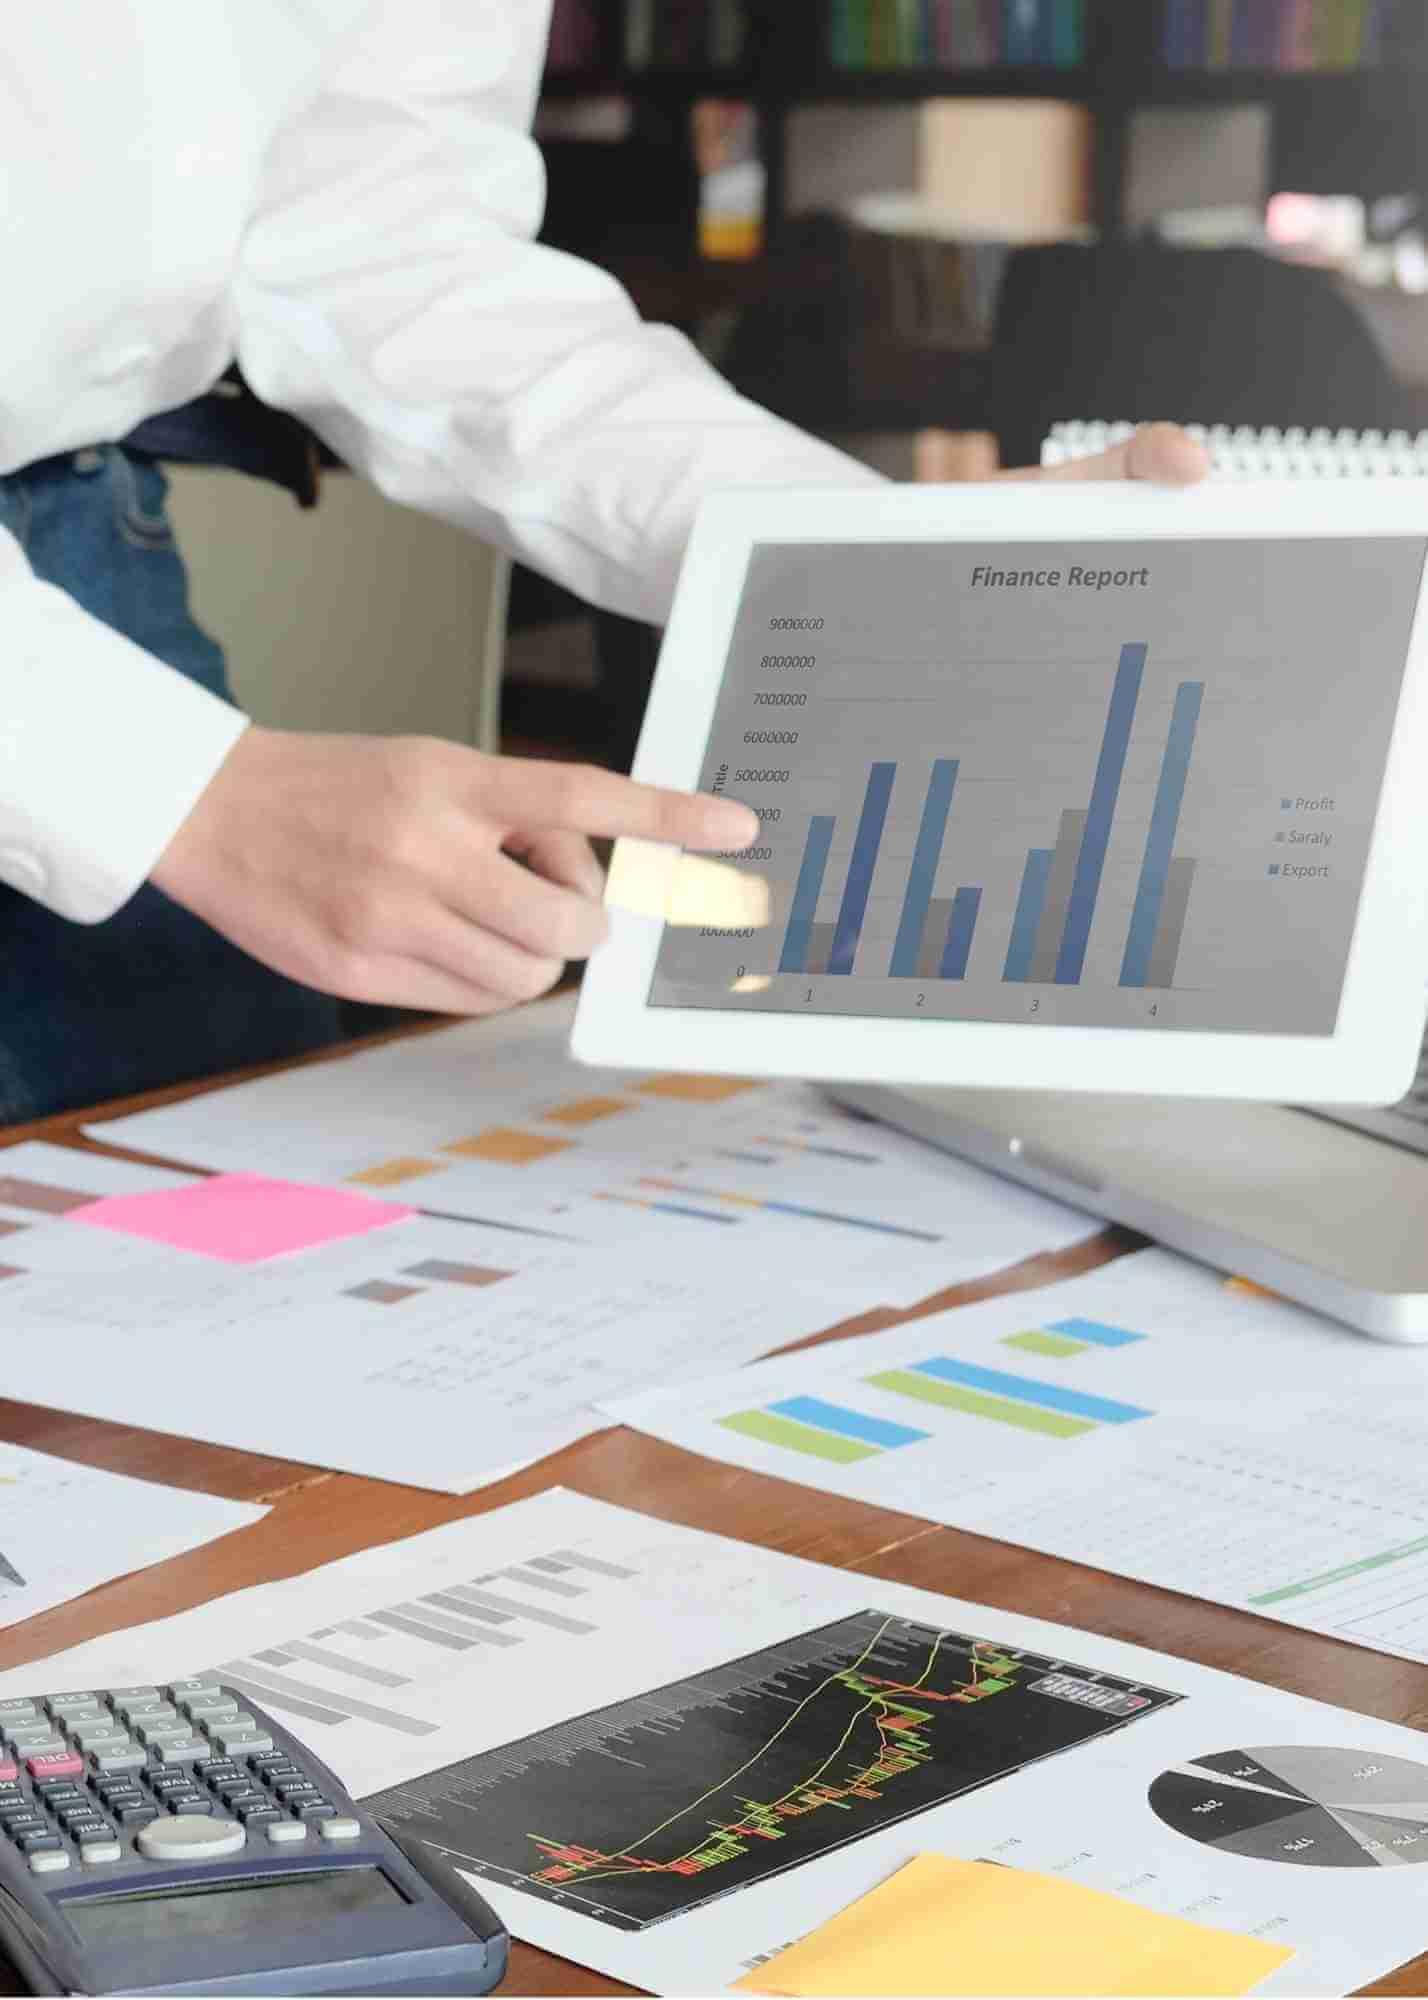 Agiliza tus procesos financieros integrando todo en un solo lugar